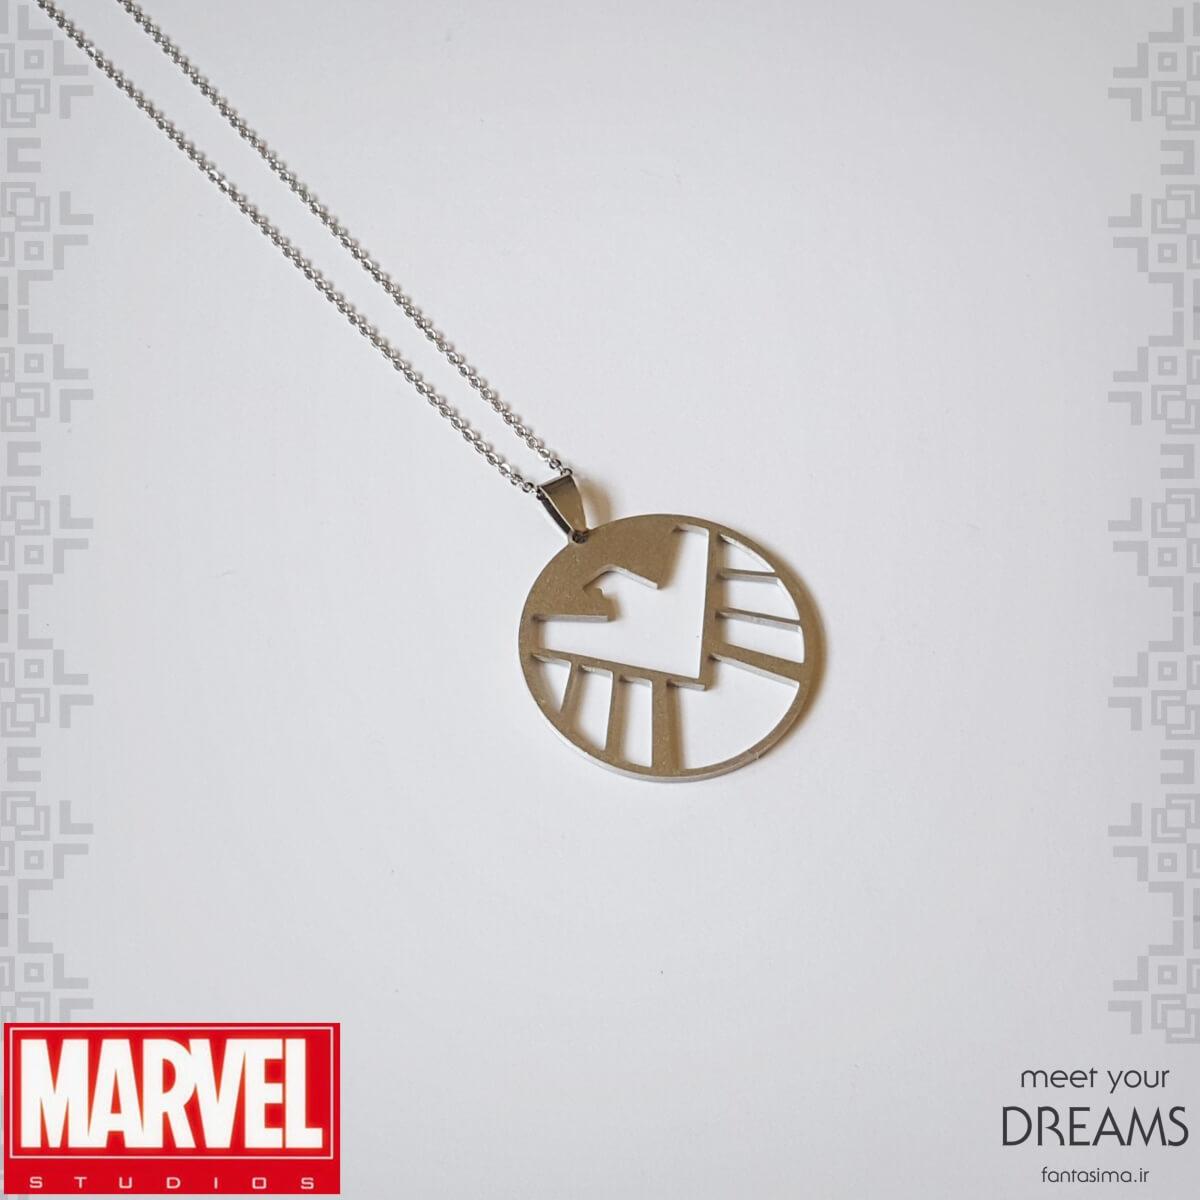 گردنبند استیل نماد شیلد - مات